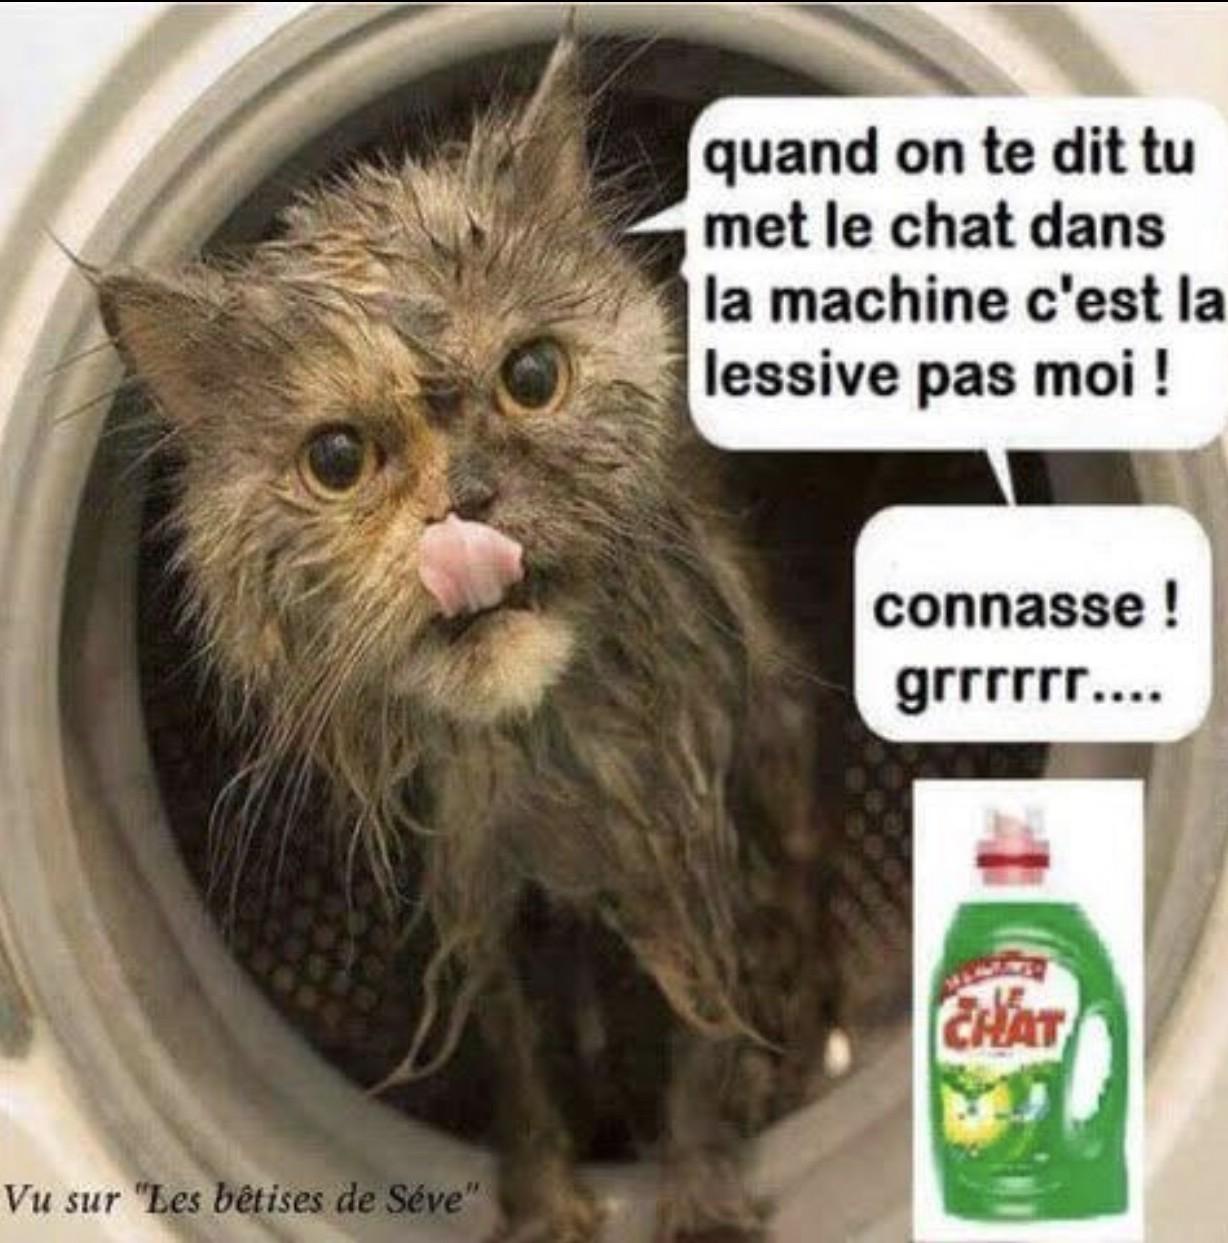 Le chat - meme